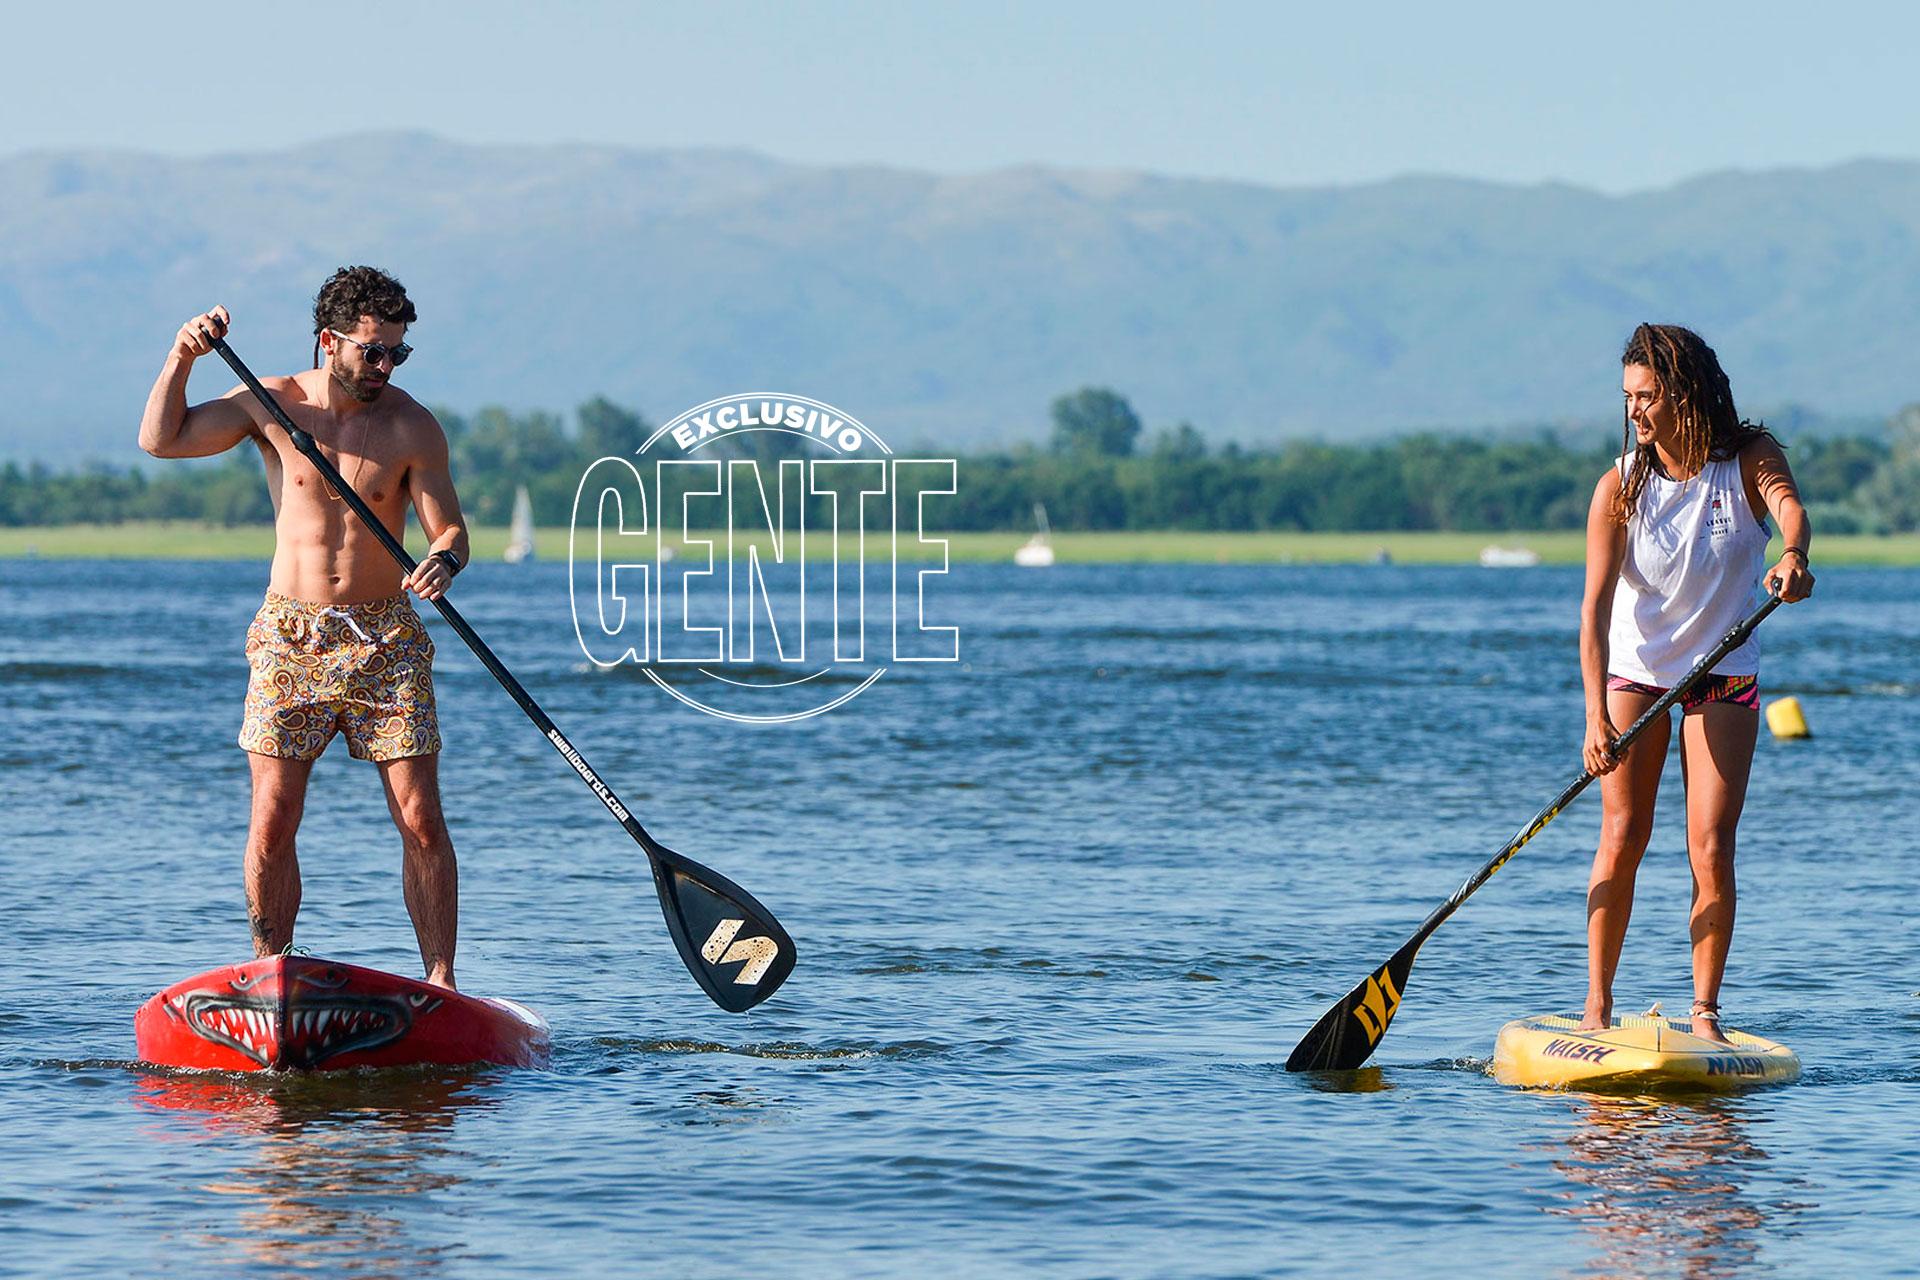 """Antes de ir al teatro, el actor incursiona en el paddle surf. """"Me apasionan los deportes acuáticos"""", asegura desde el parador náutico Amarras. (Foto Fabián Uset/GENTE)"""